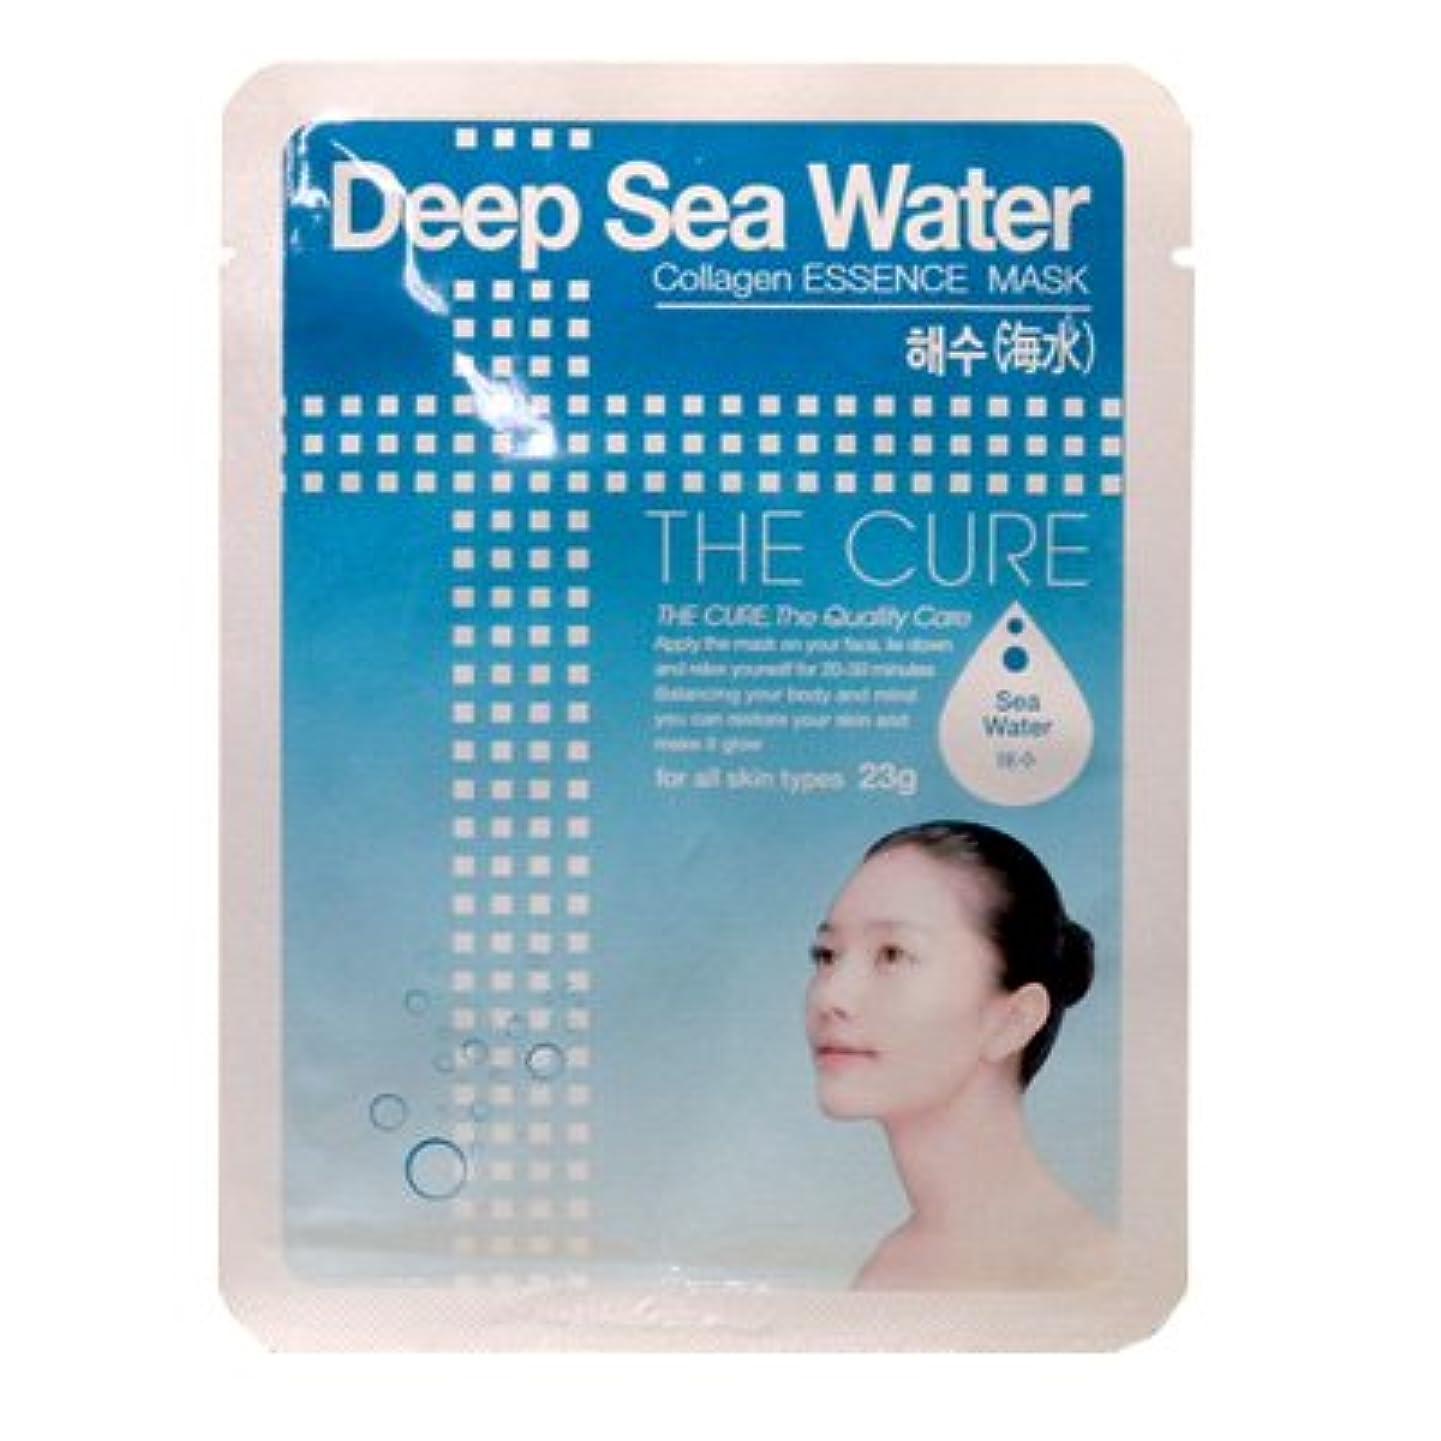 チューリップ特にもっと少なくCURE マスク シートパック 海水